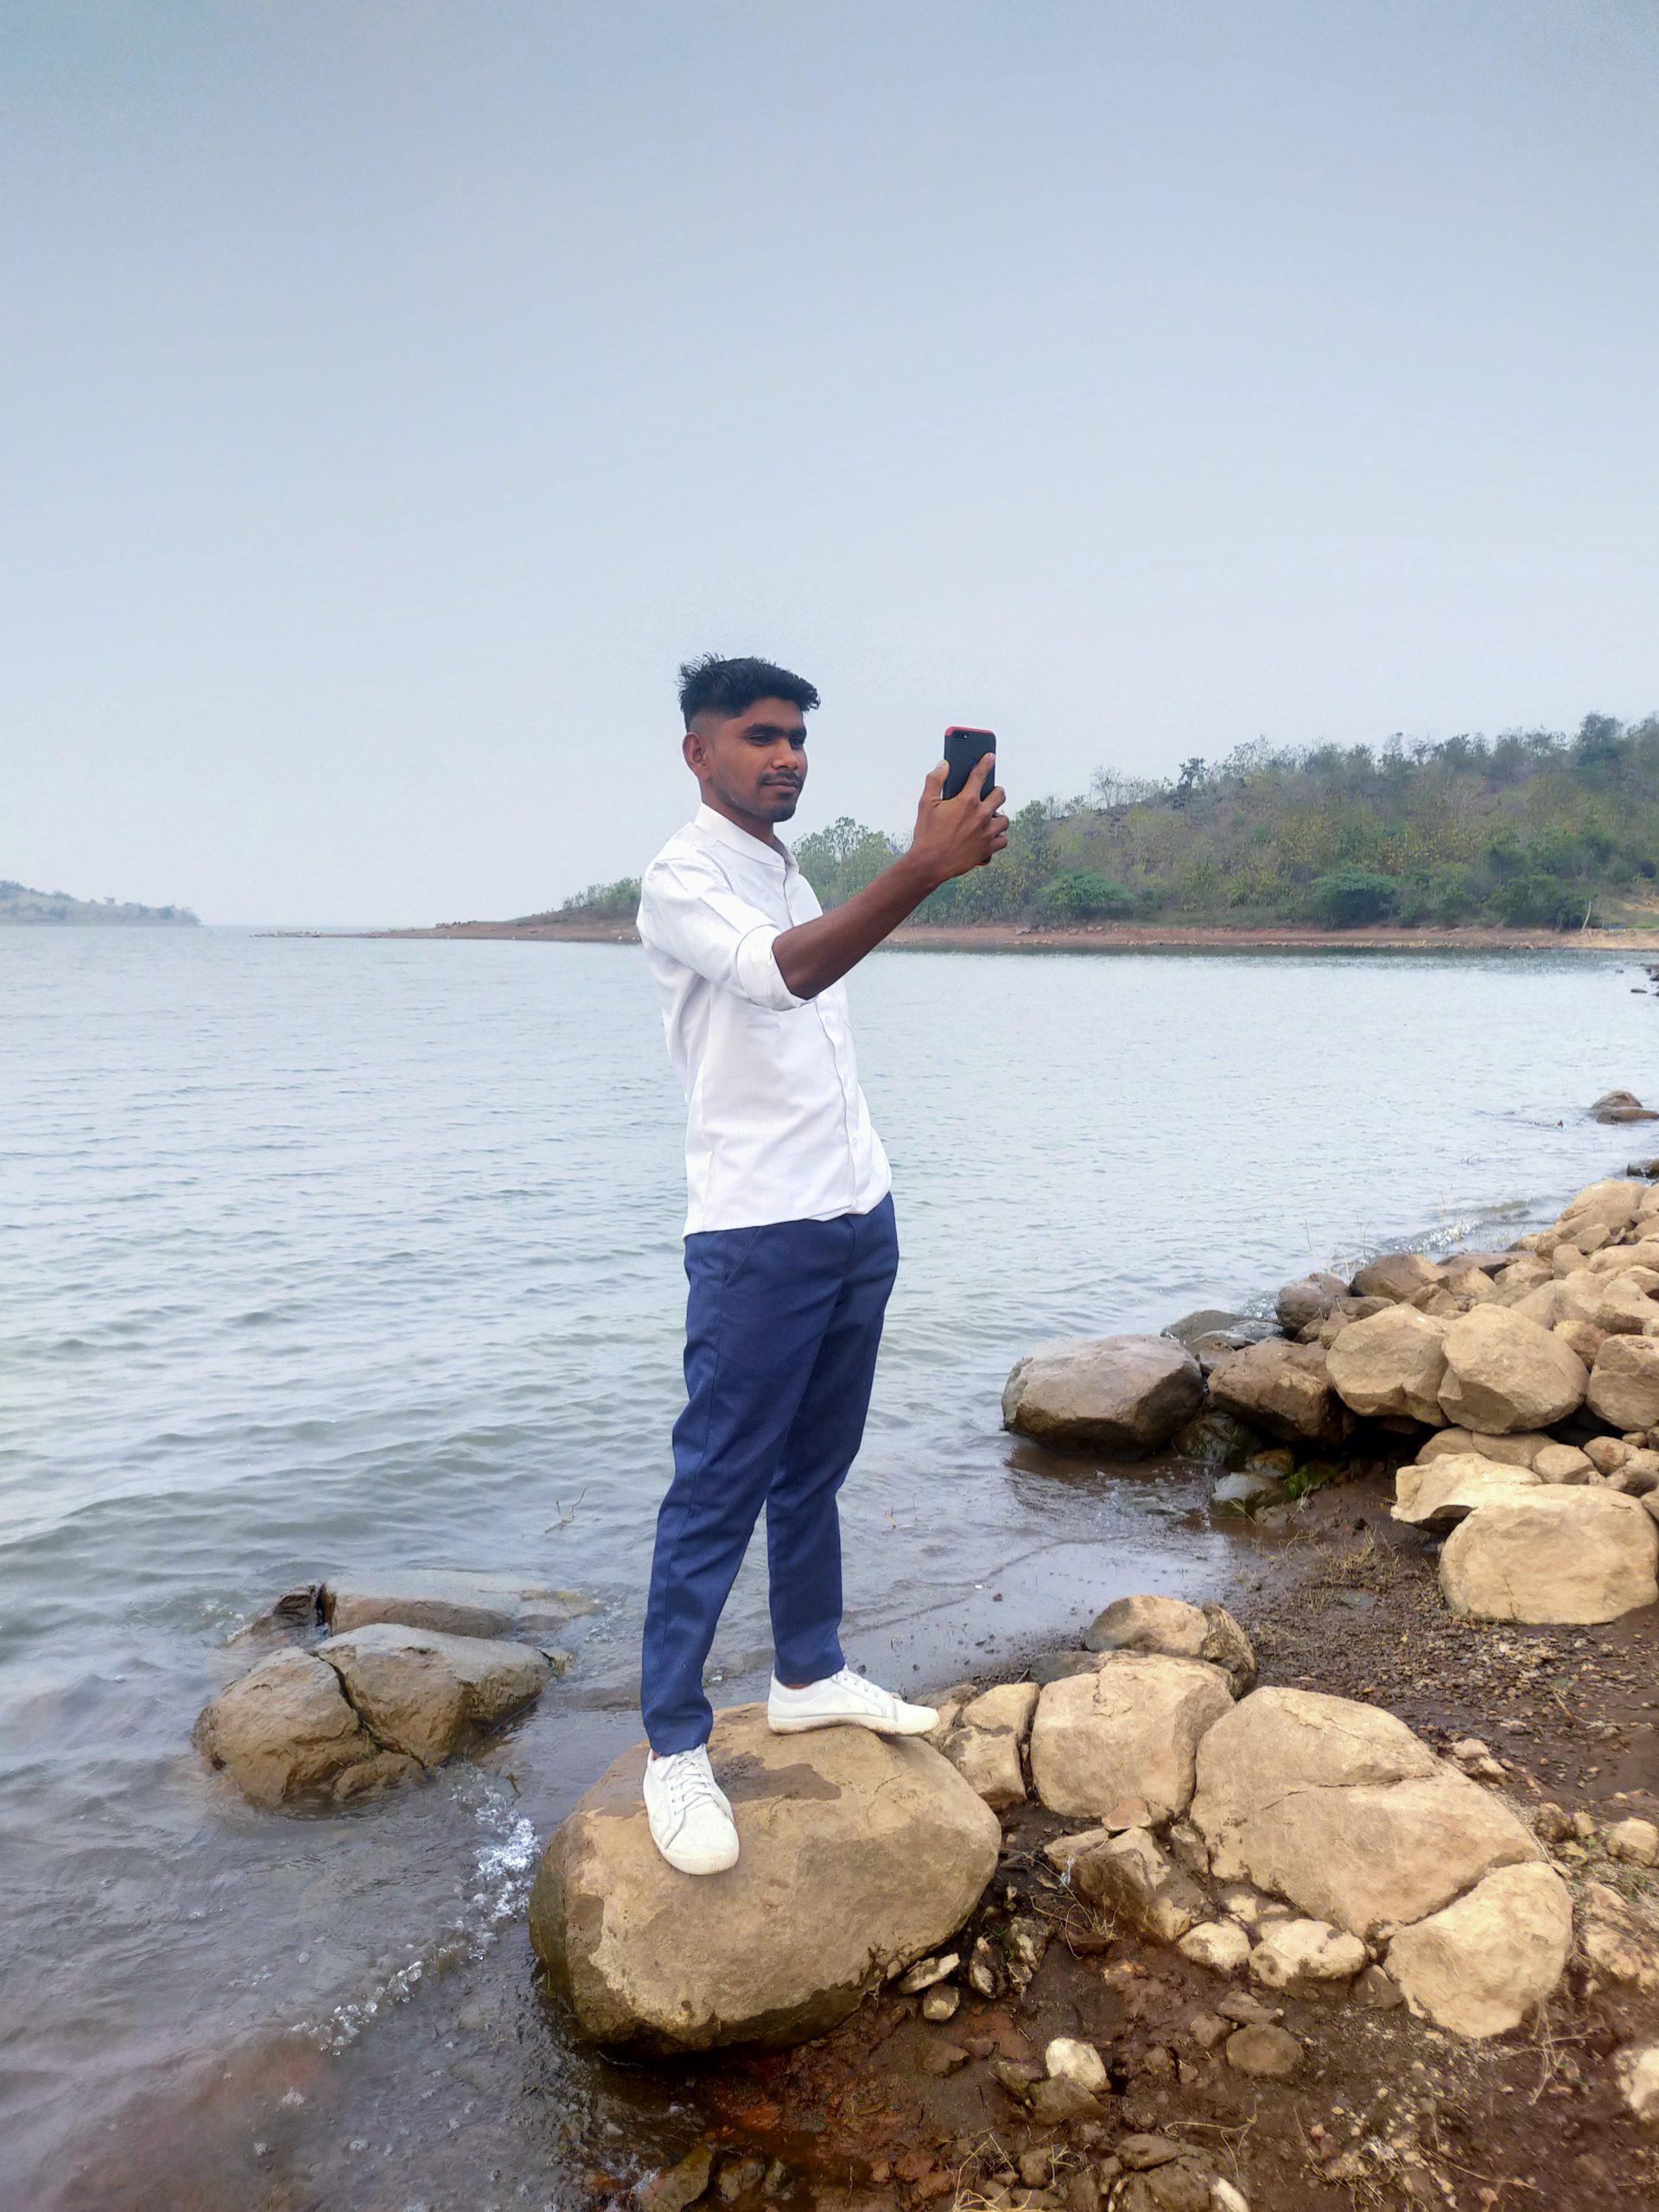 Boy taking selfie on beach